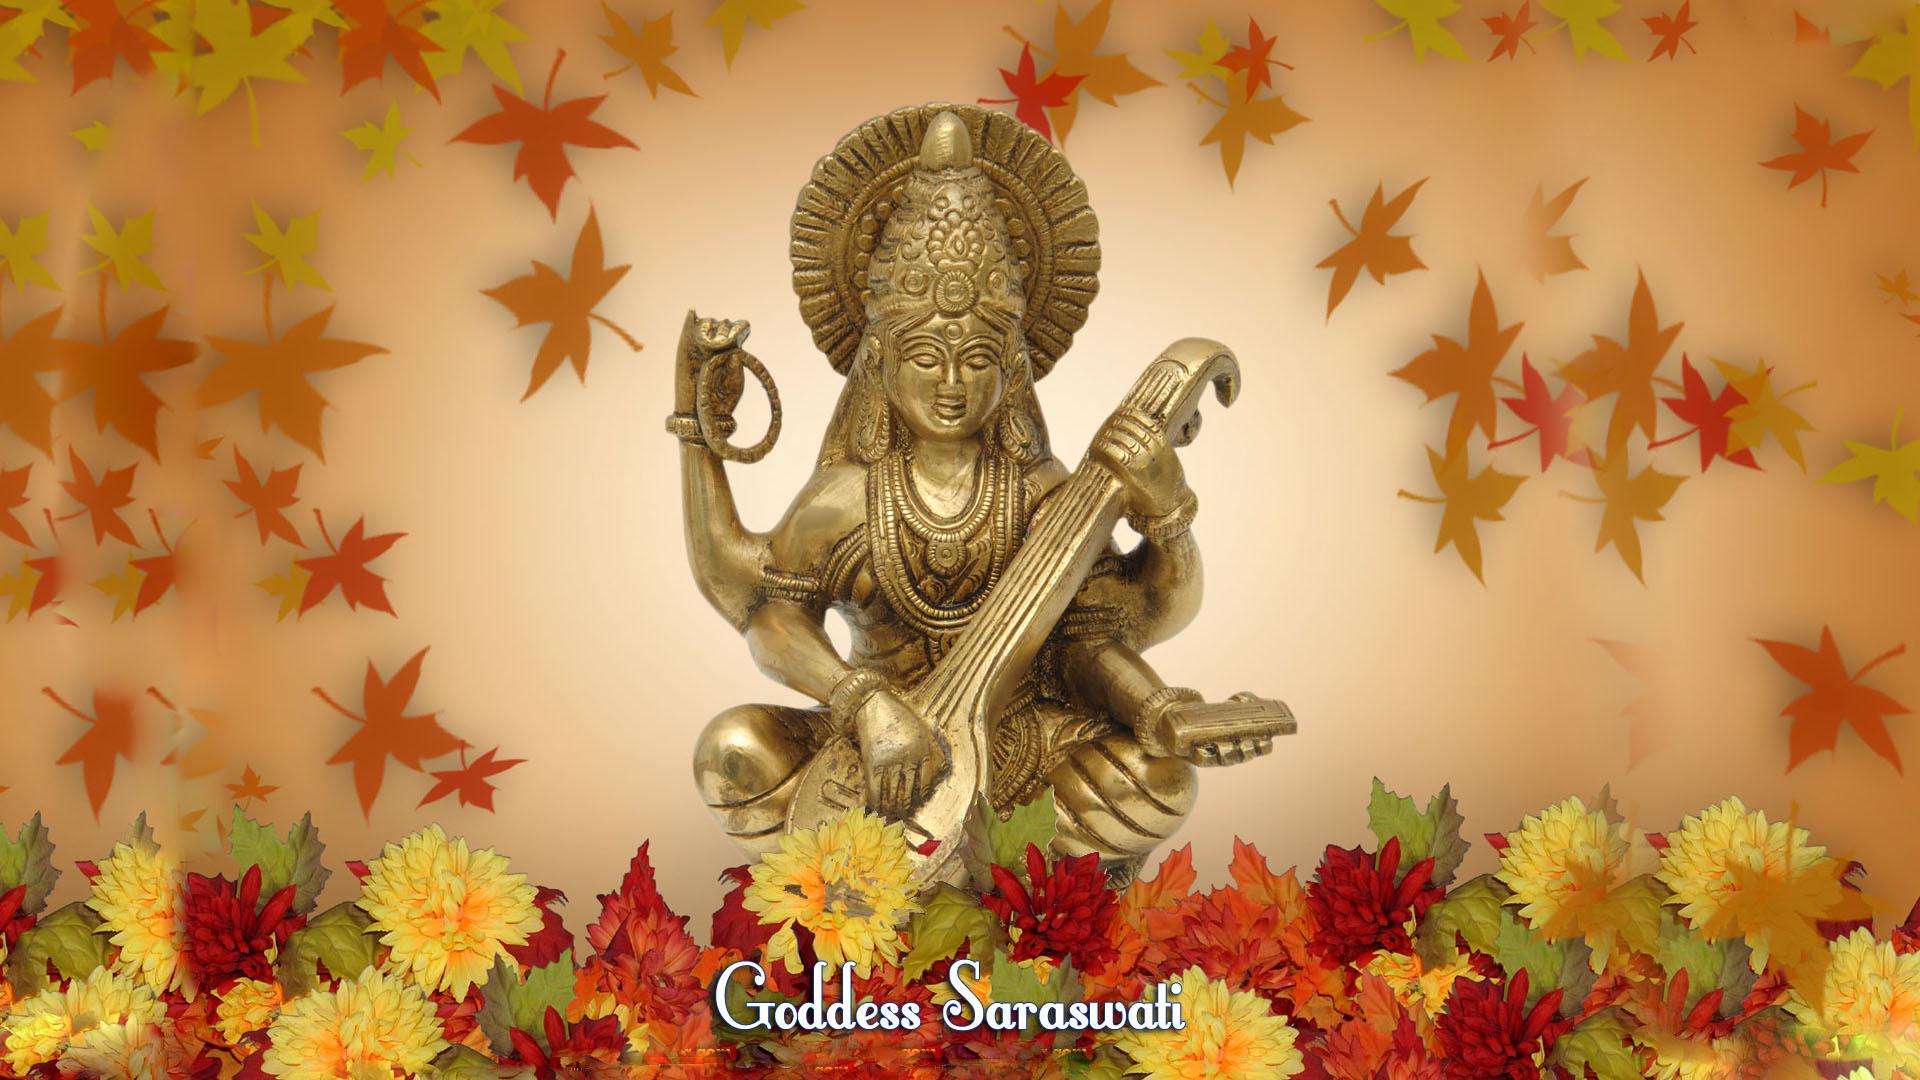 Goddess Saraswati Wallpapers Mobile Hindu Gods And Goddesses